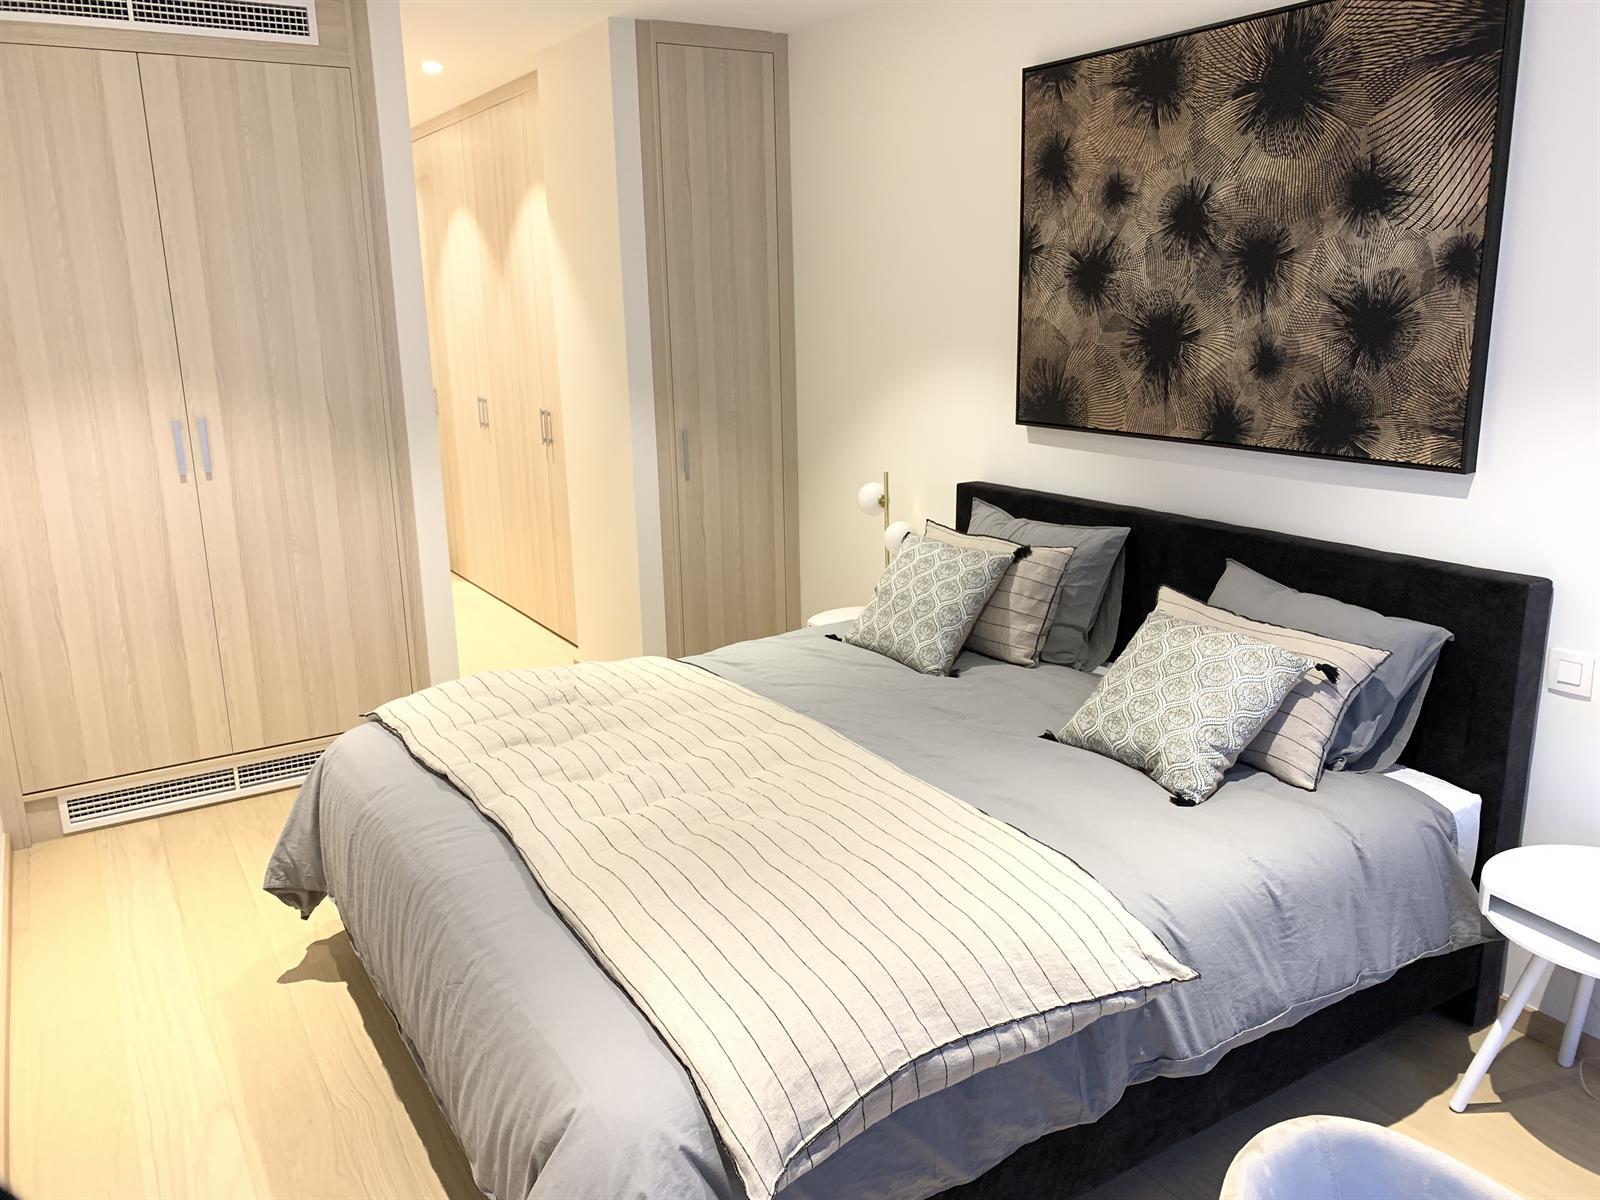 Appartement exceptionnel - Ixelles - #3918742-6